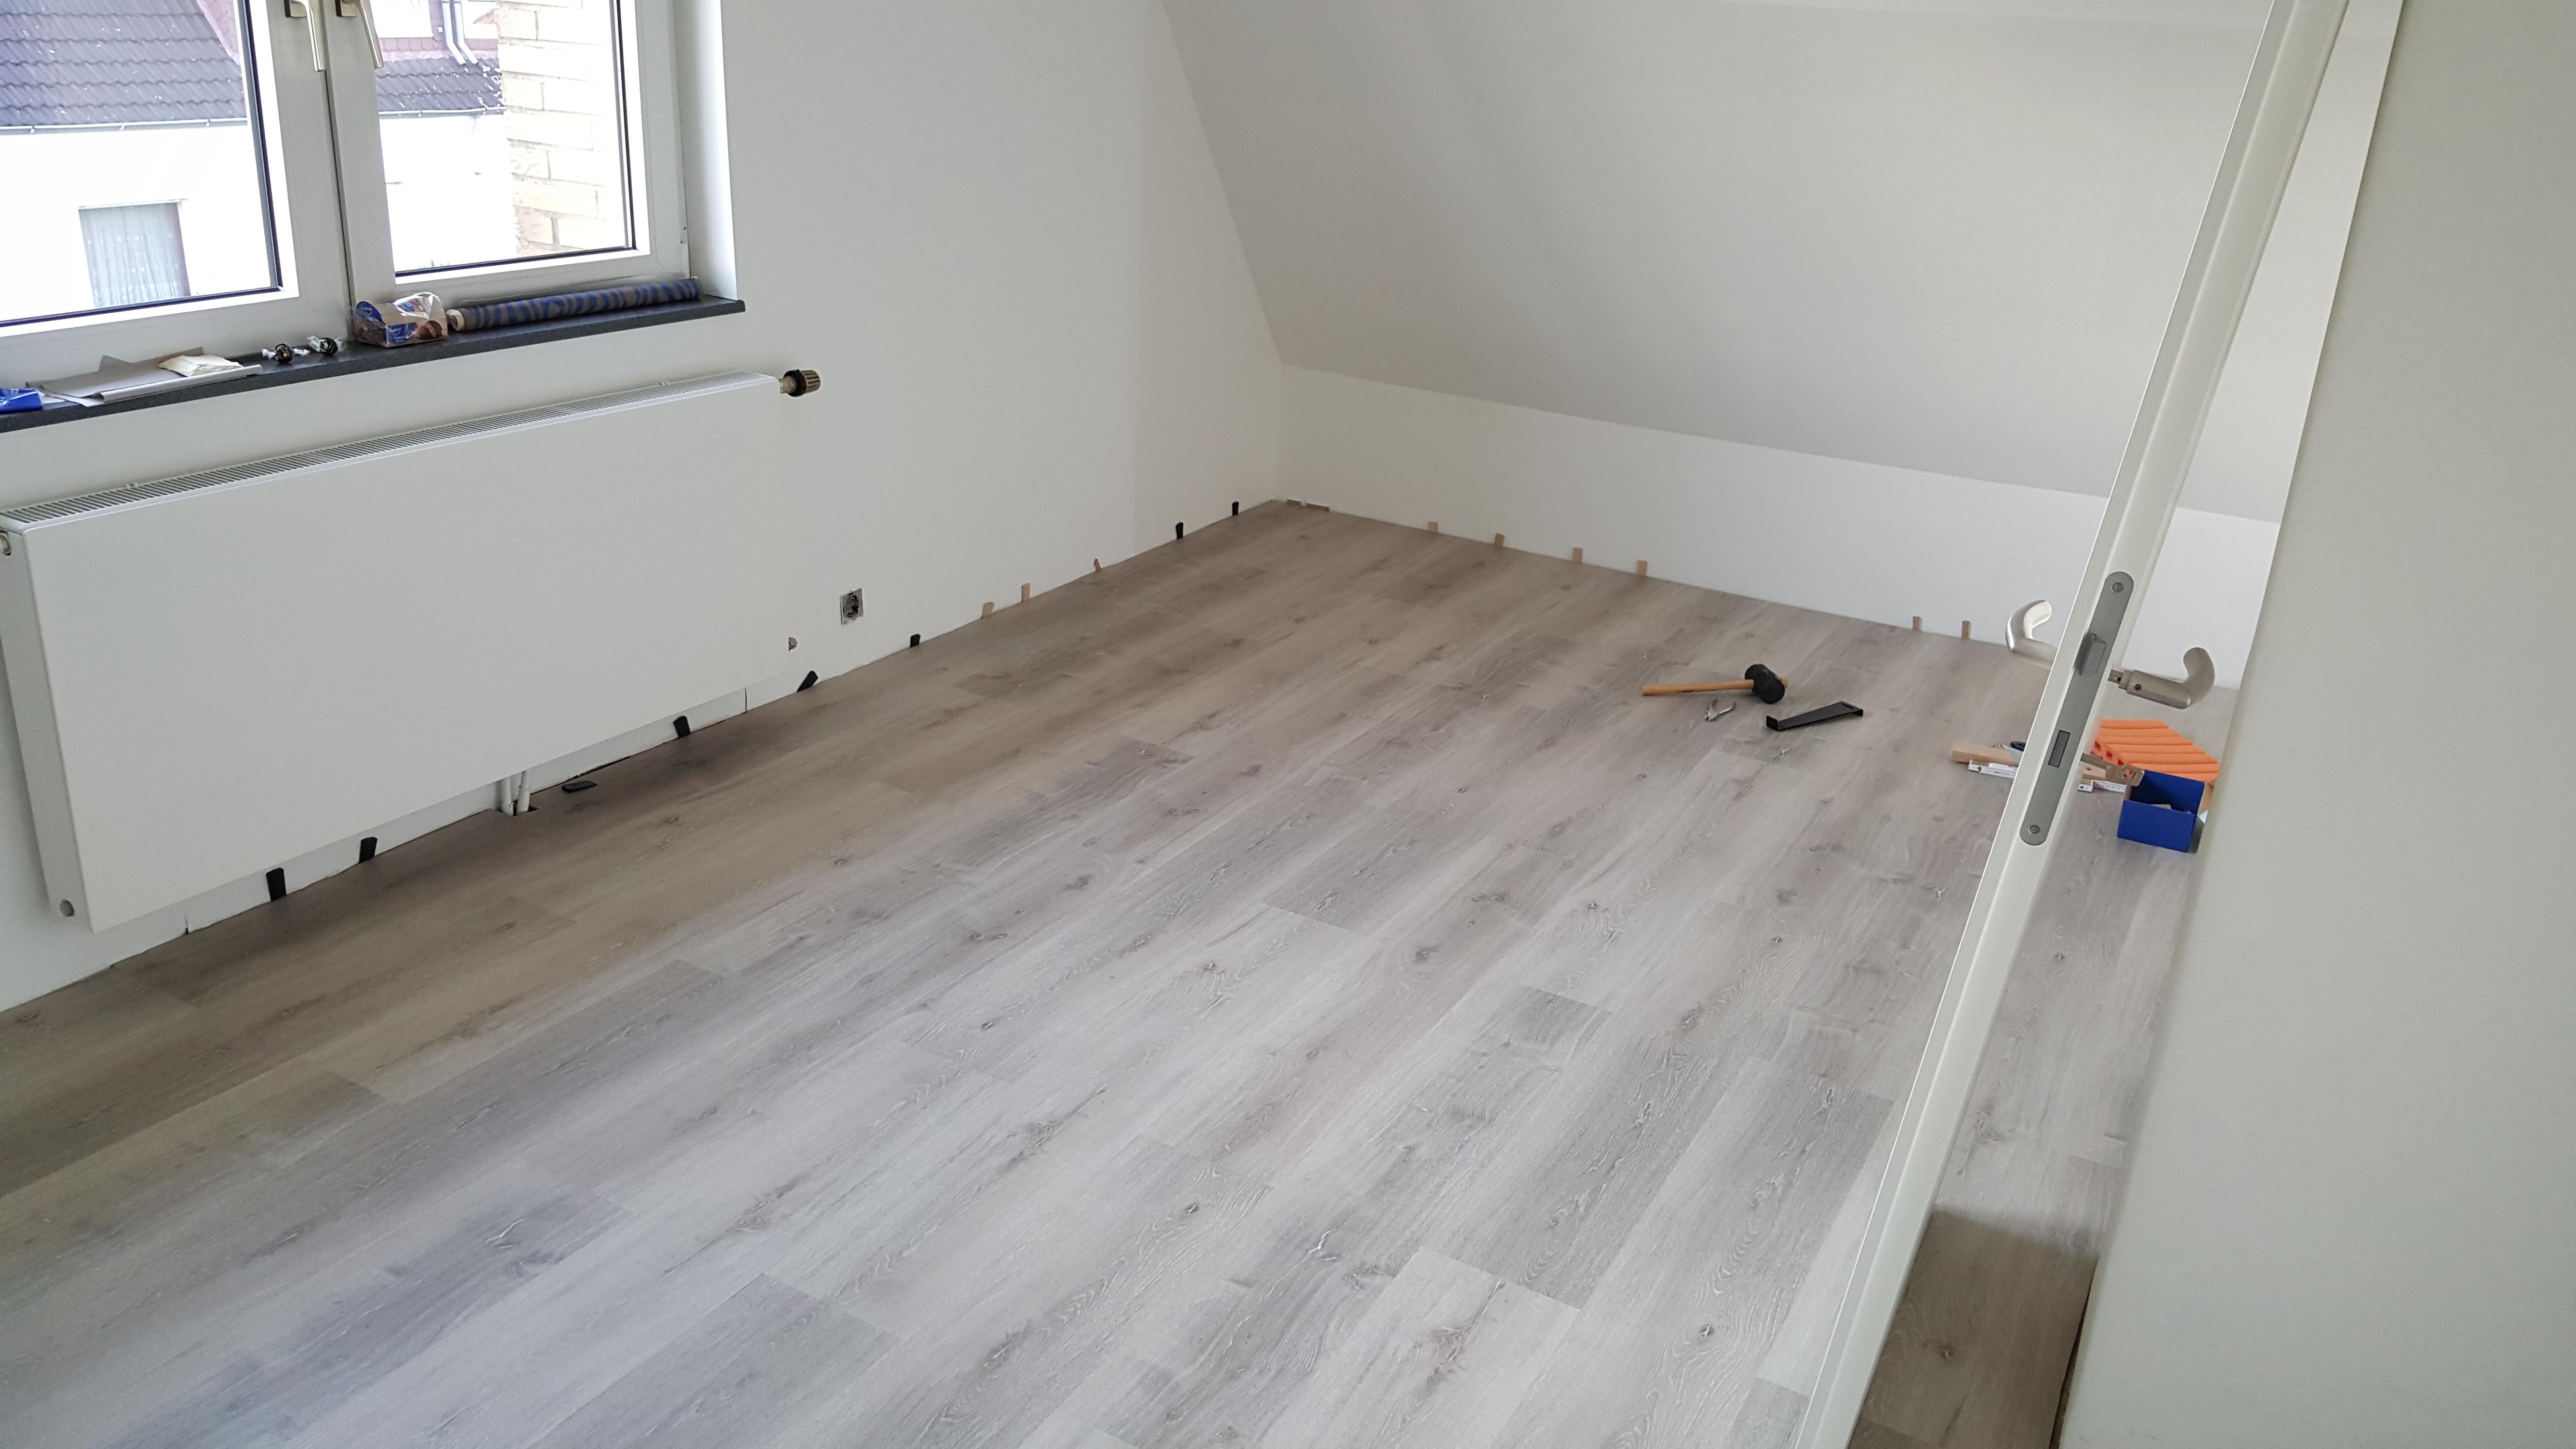 Welcher Fußboden Im Dachboden ~ Dachboden ausbauen fussboden dachboden ausbauen fussboden aufbau